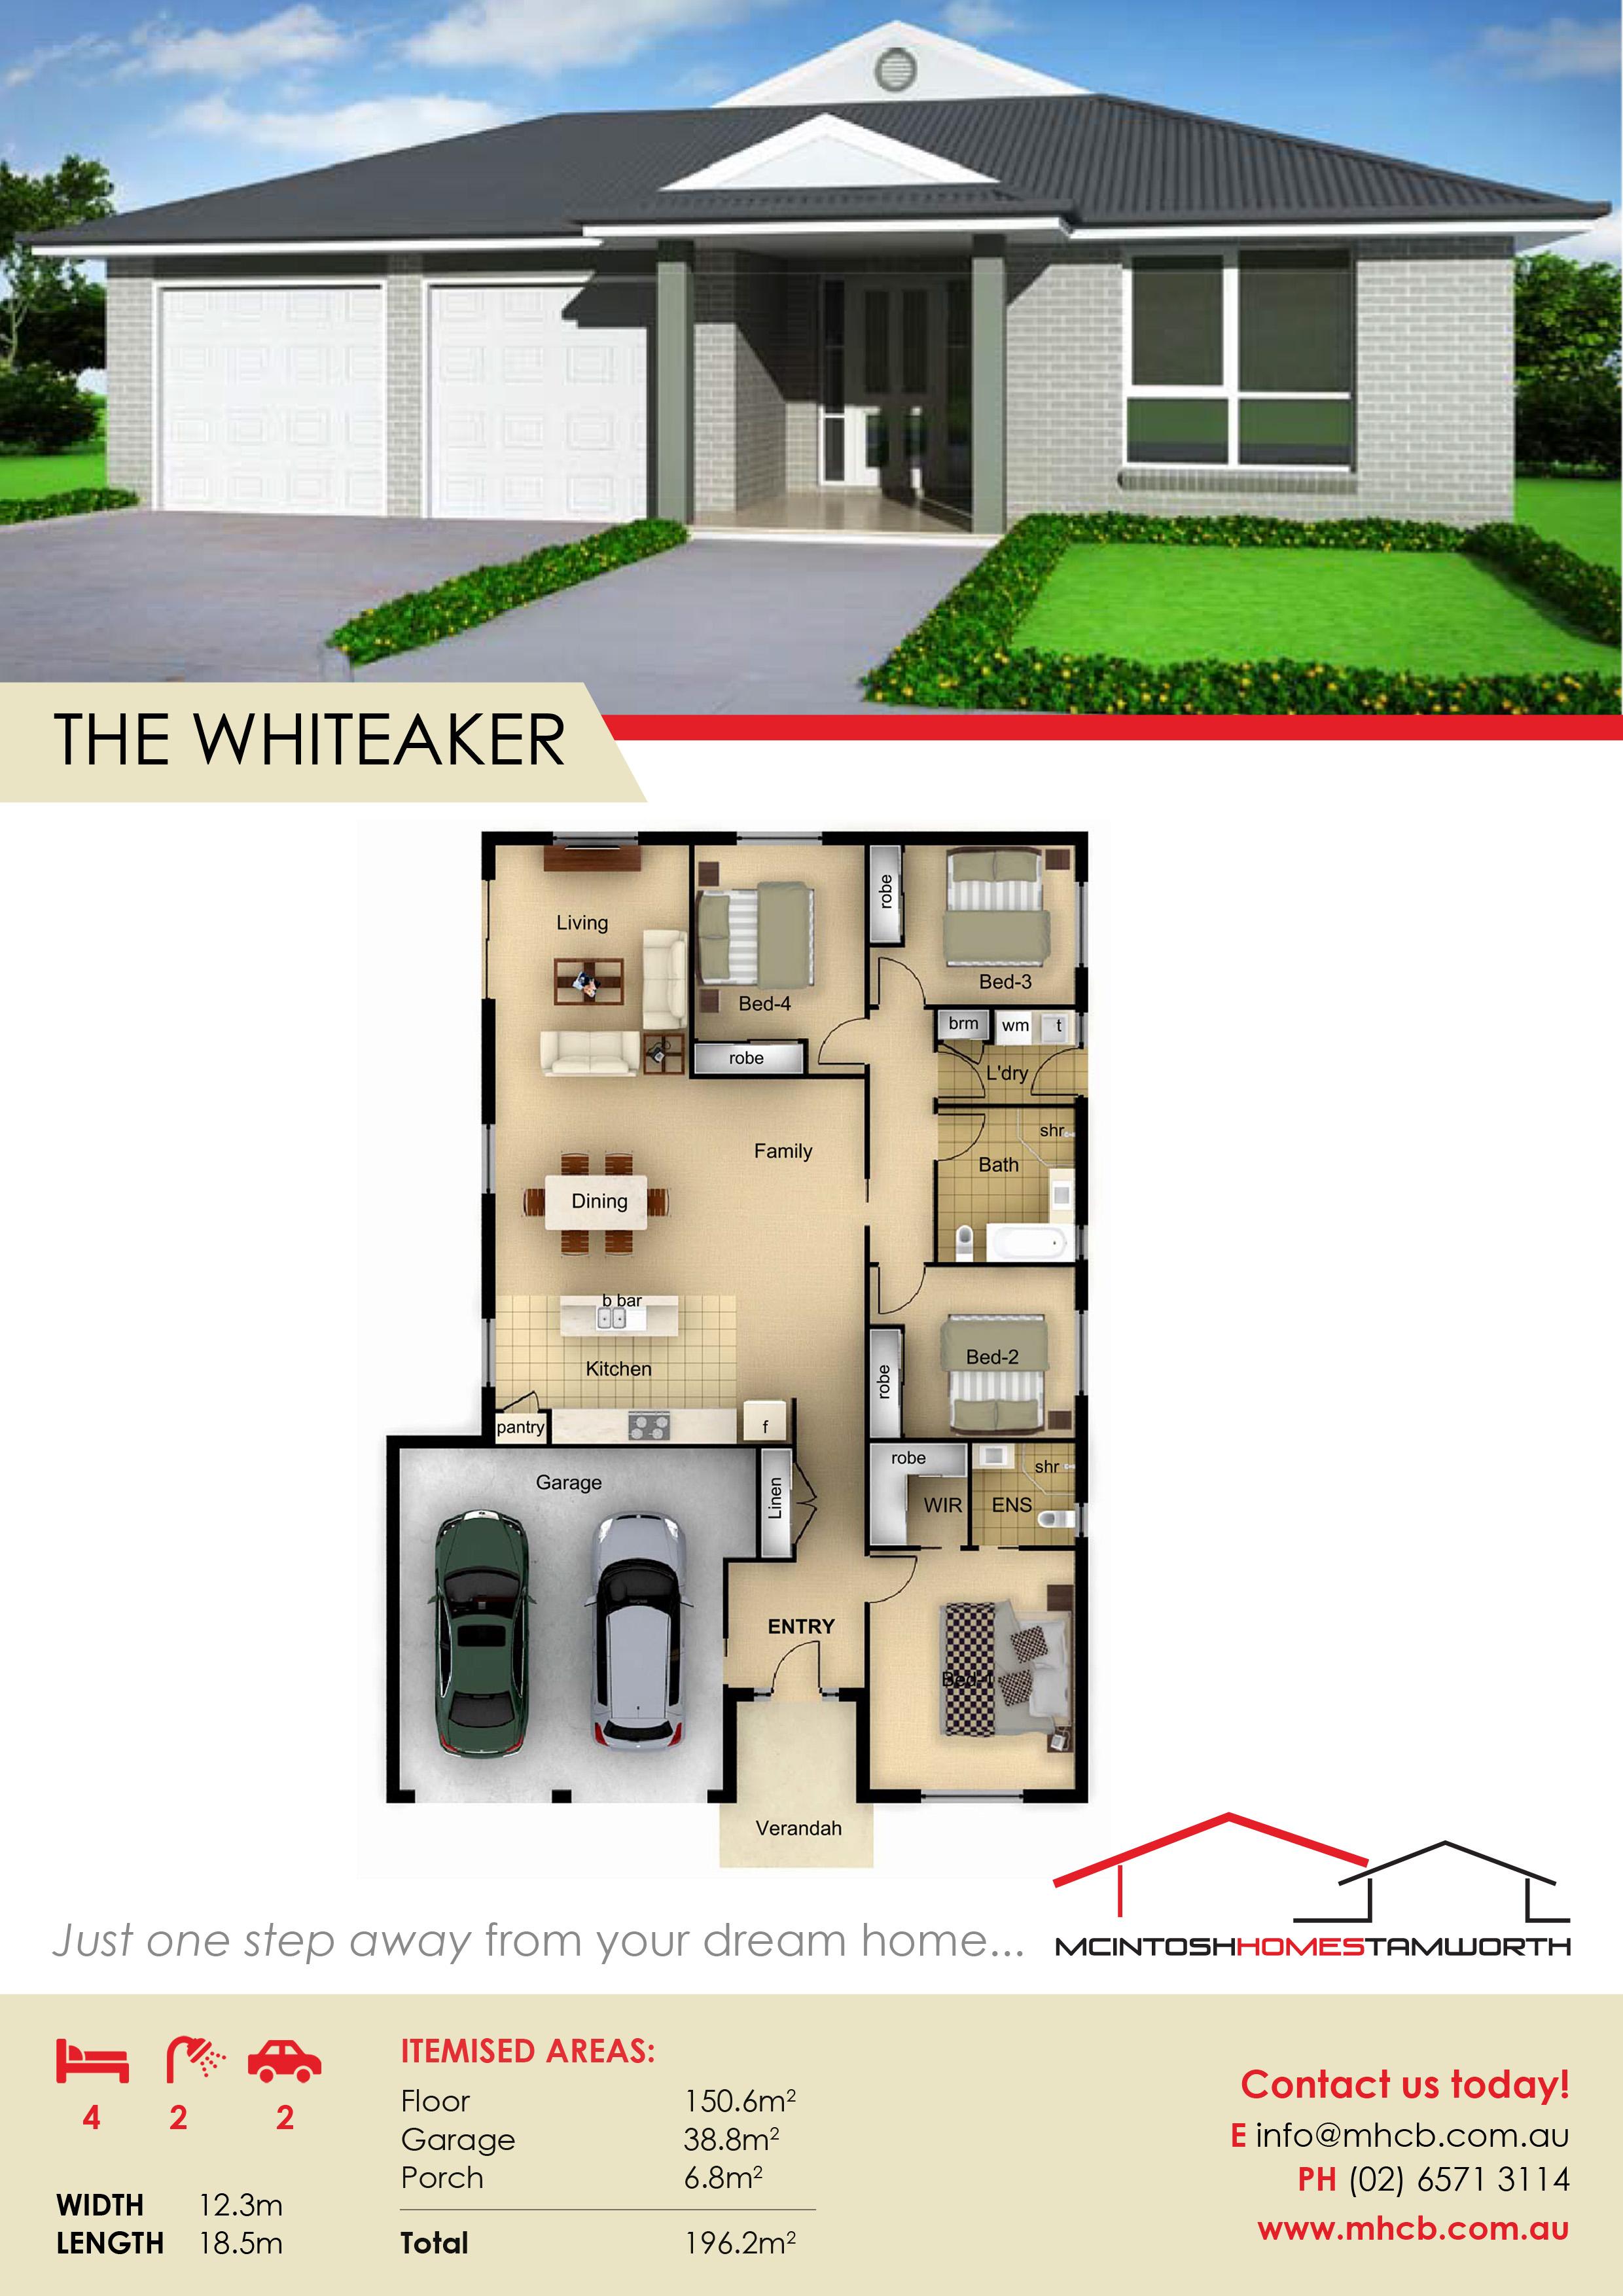 Whiteaker_Brochure